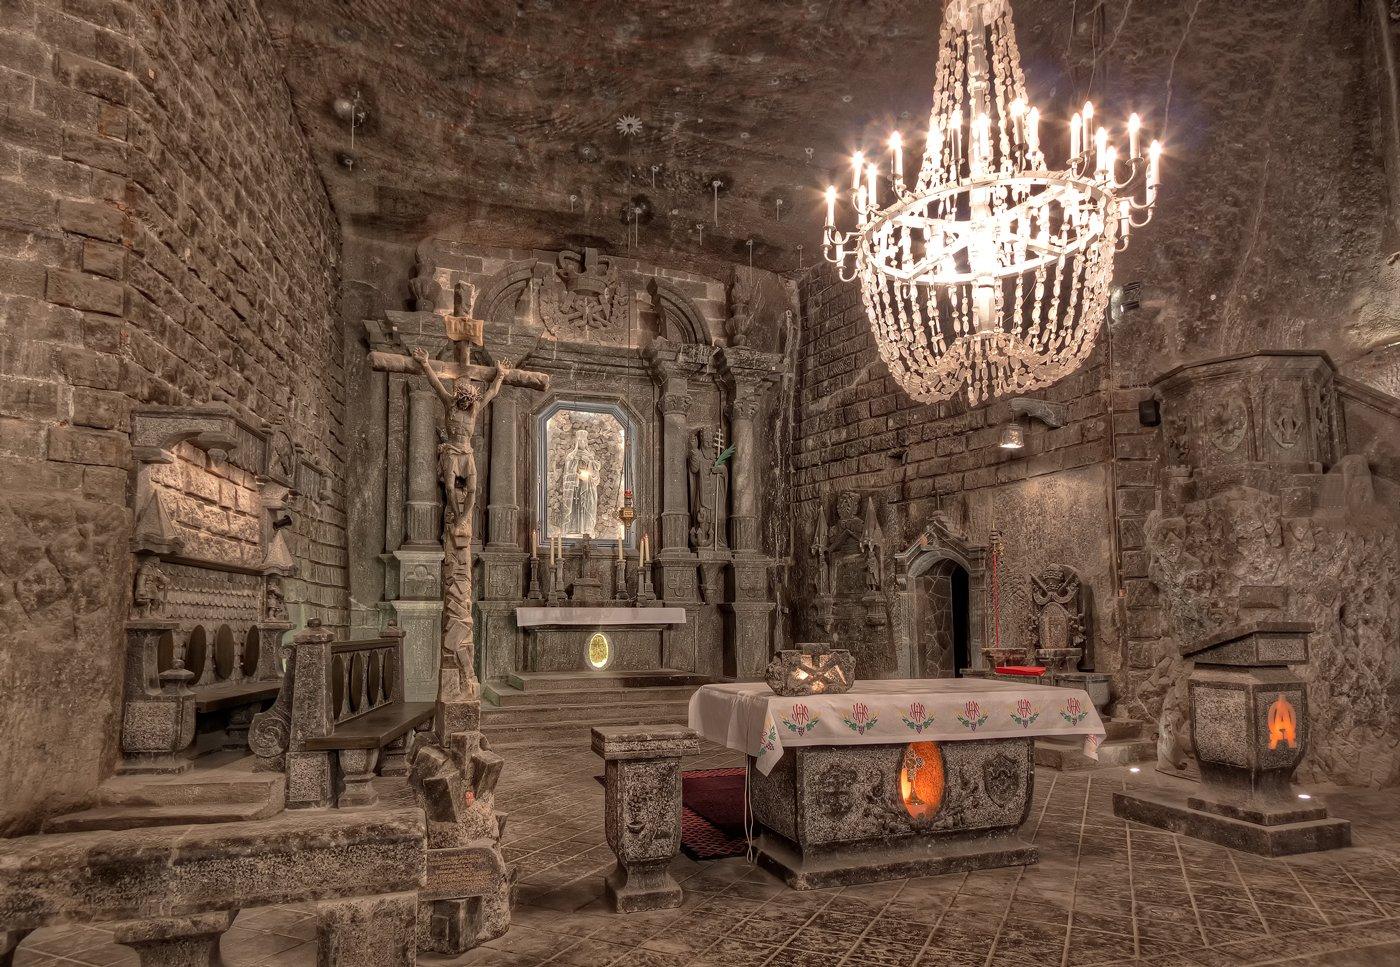 Altaar in de St. Kinga's Kapel in de Wieliczka Zoutmijn in Polen